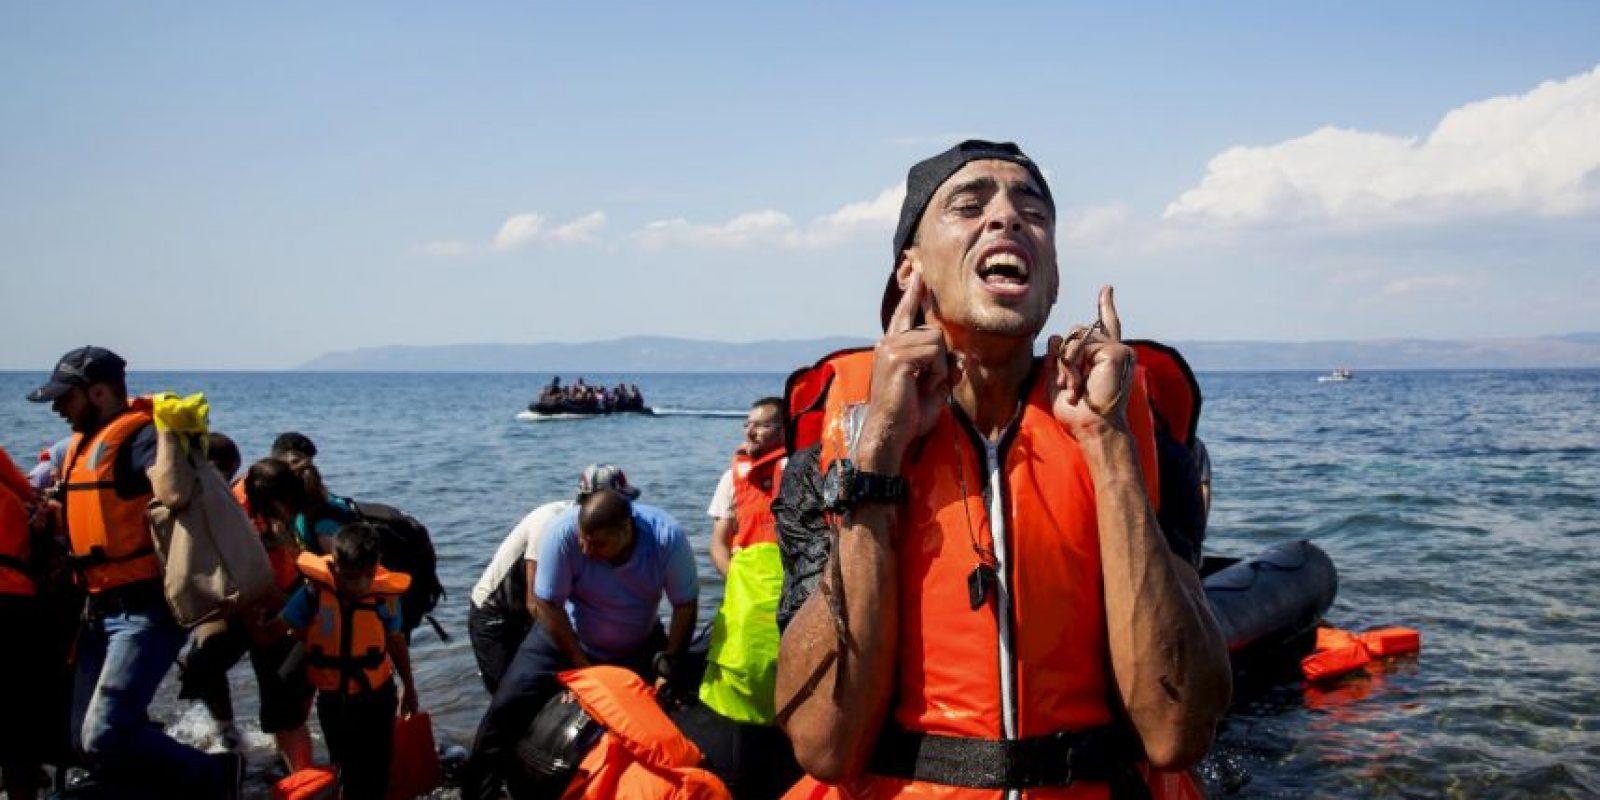 Estos han recibido golpes y les han lanzado gases lacrimógenos. Foto:Getty Images